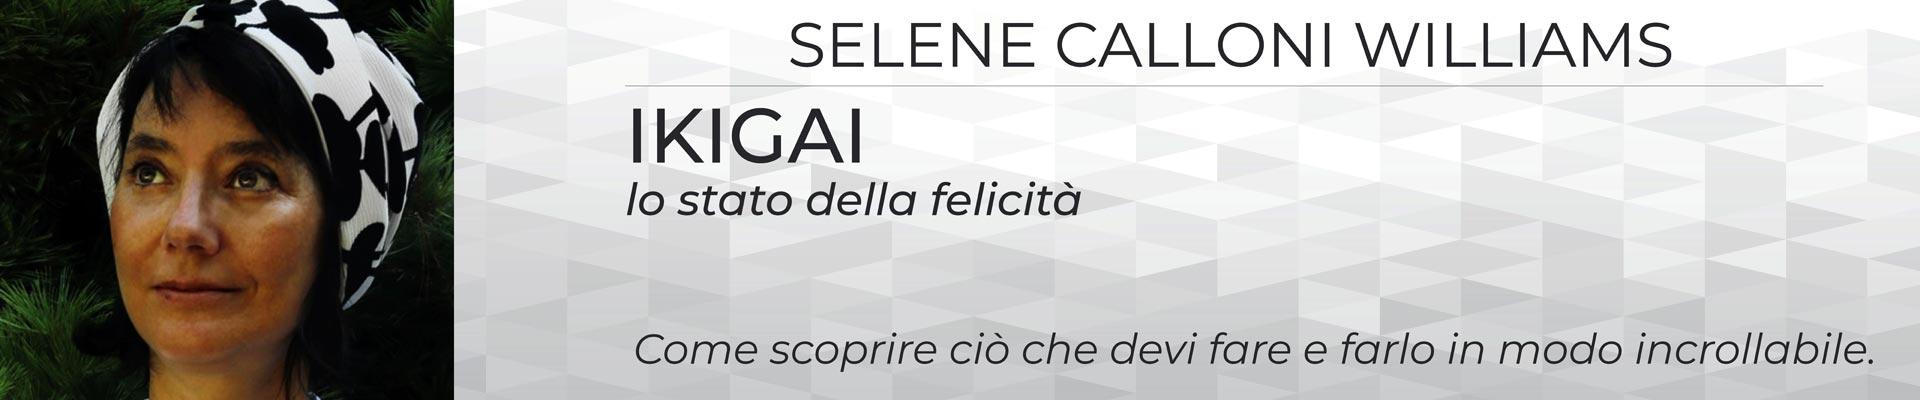 calloni-williams-residenziale-banner